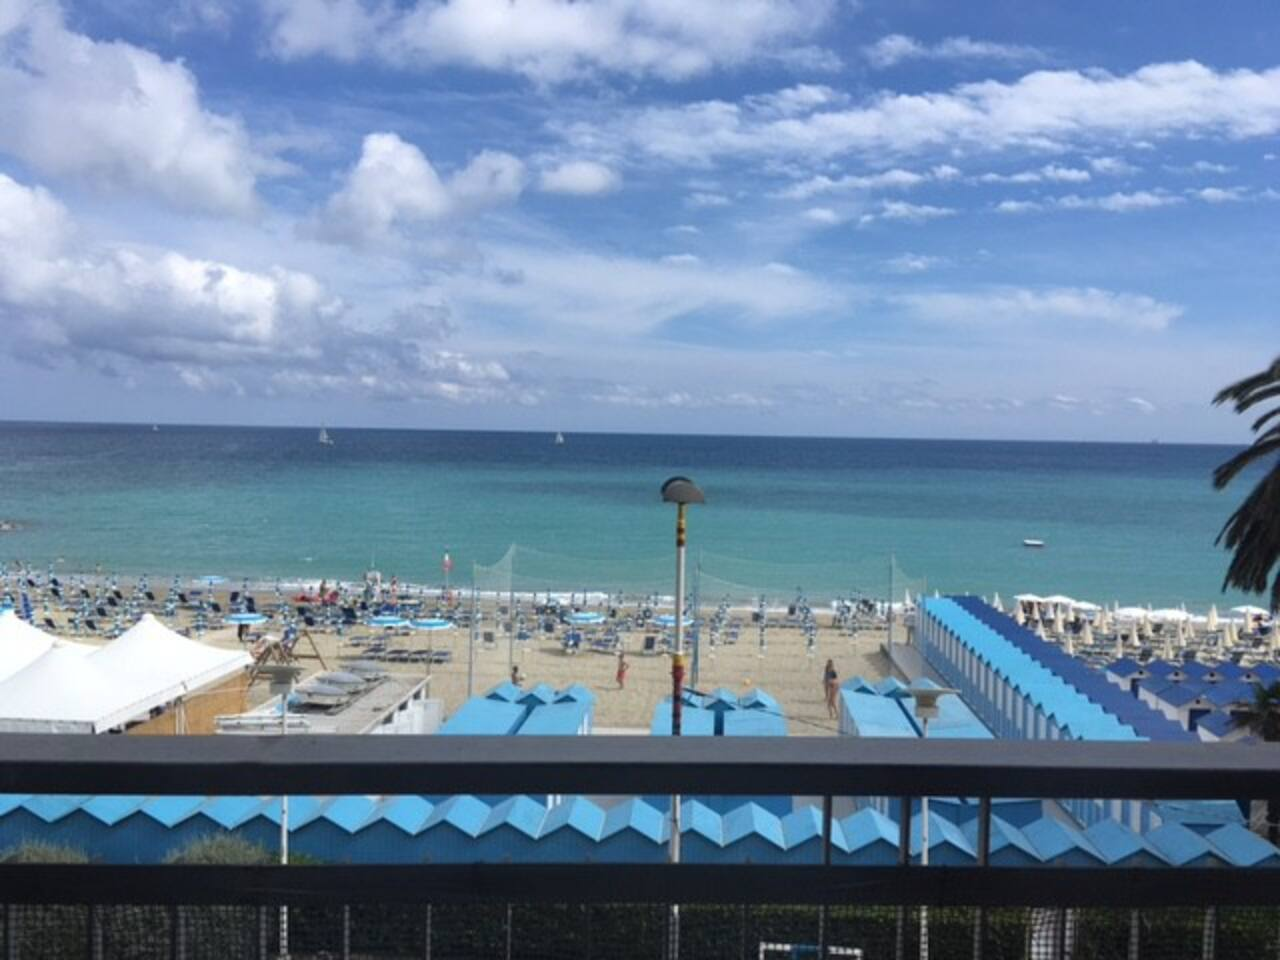 La vista dal balcone - the view from the balcony